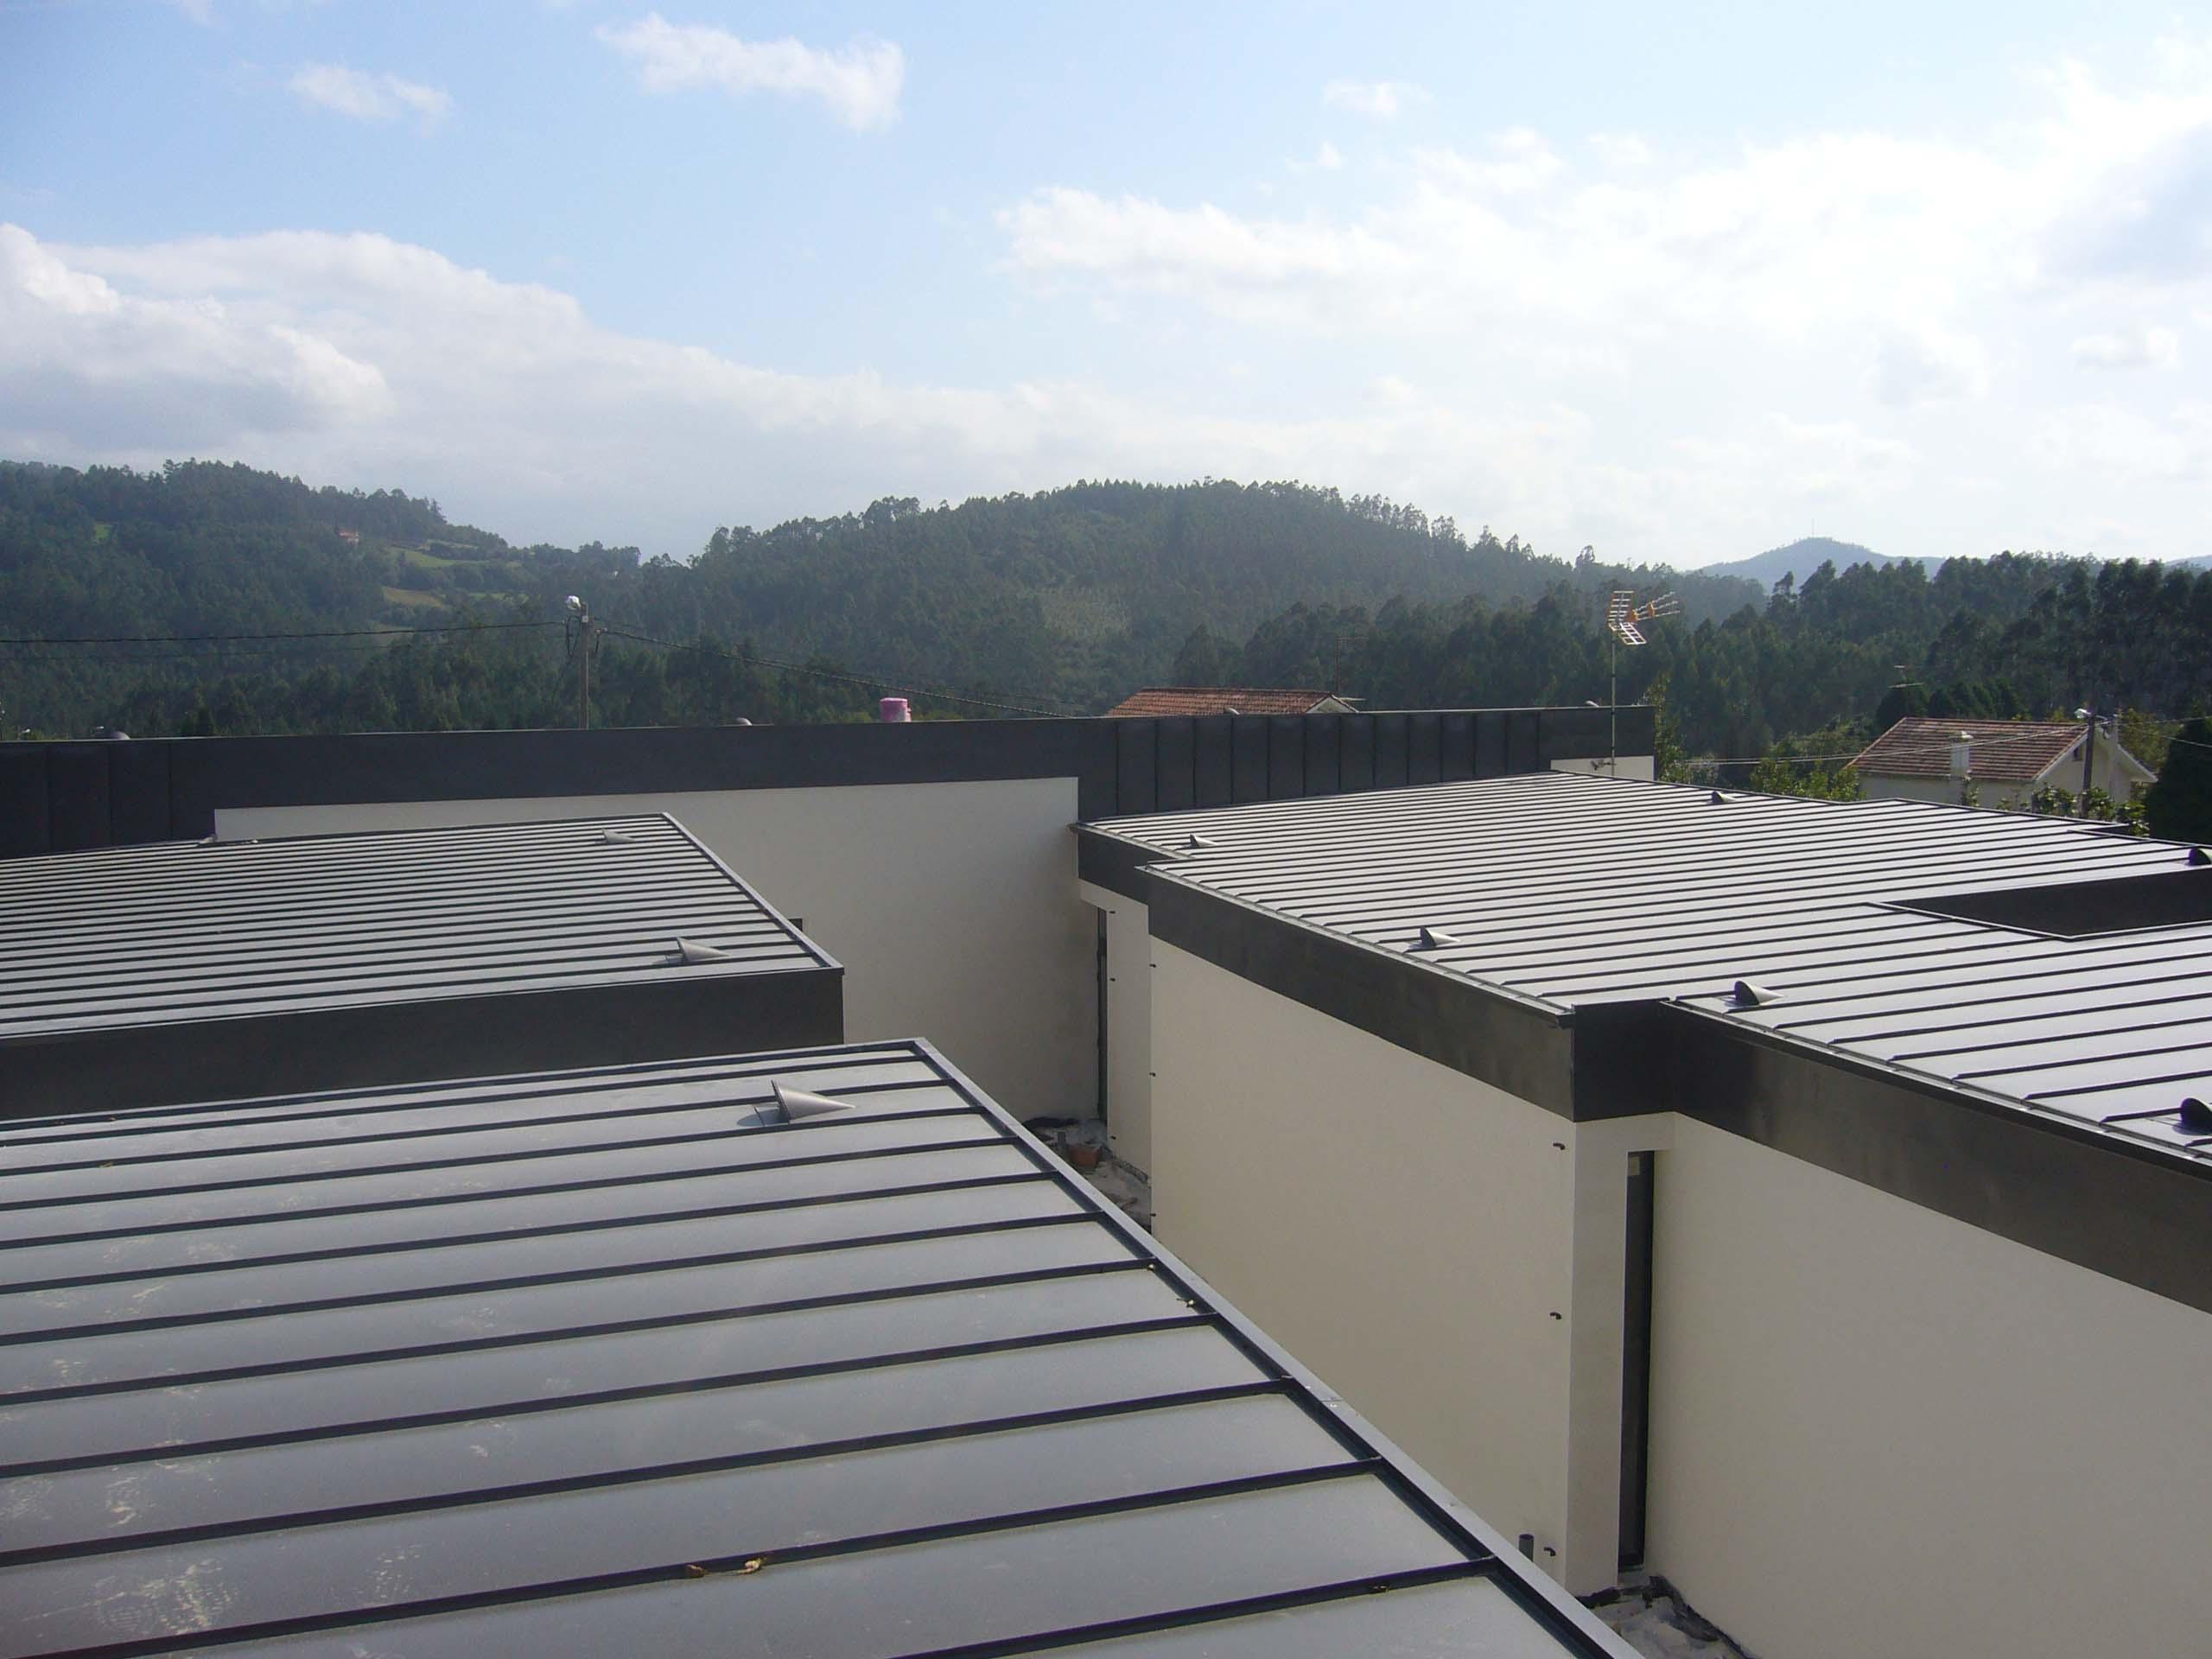 Cubiertas de aluminio ponferrada - Cubiertas de aluminio para terrazas ...